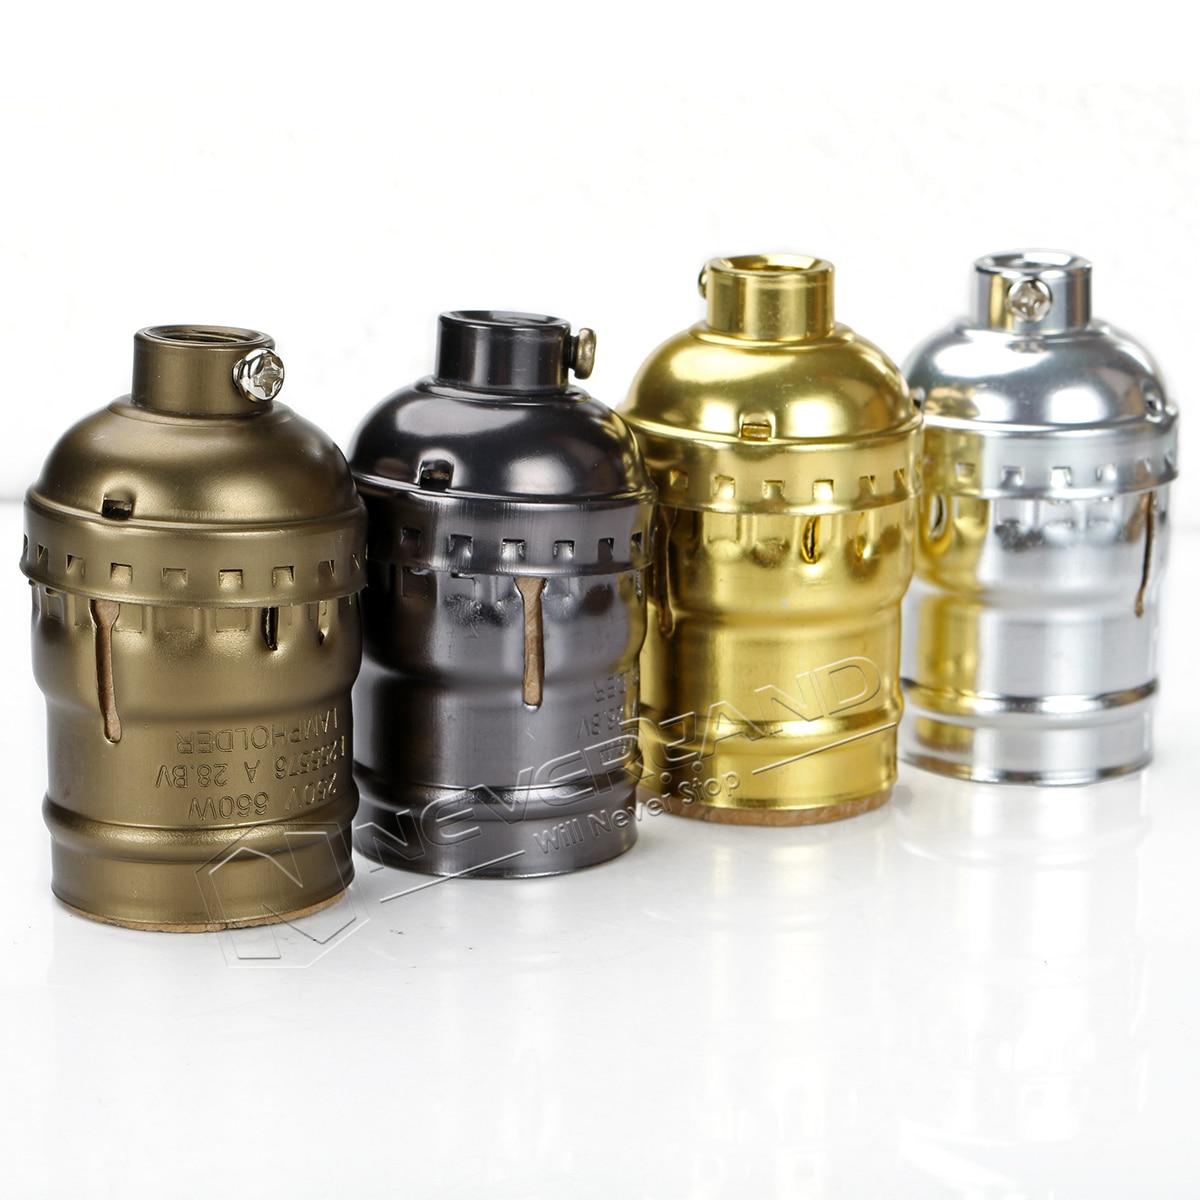 Classic Retro Edison Lamp Holder Socket E27 Bulb Base Pearl Black/Antique Brass/Gold/Silver E27 UL 110V/220V Light Socket